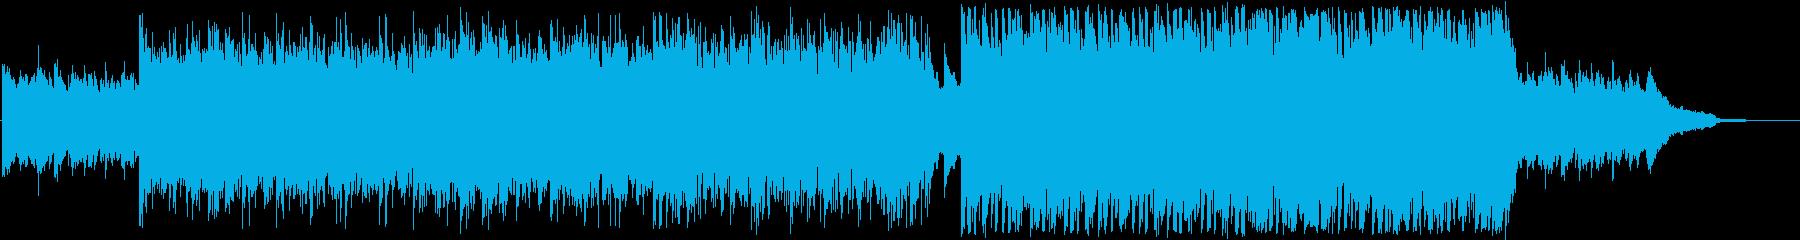 爽やか明るいフルートとピアノ ヒーリングの再生済みの波形